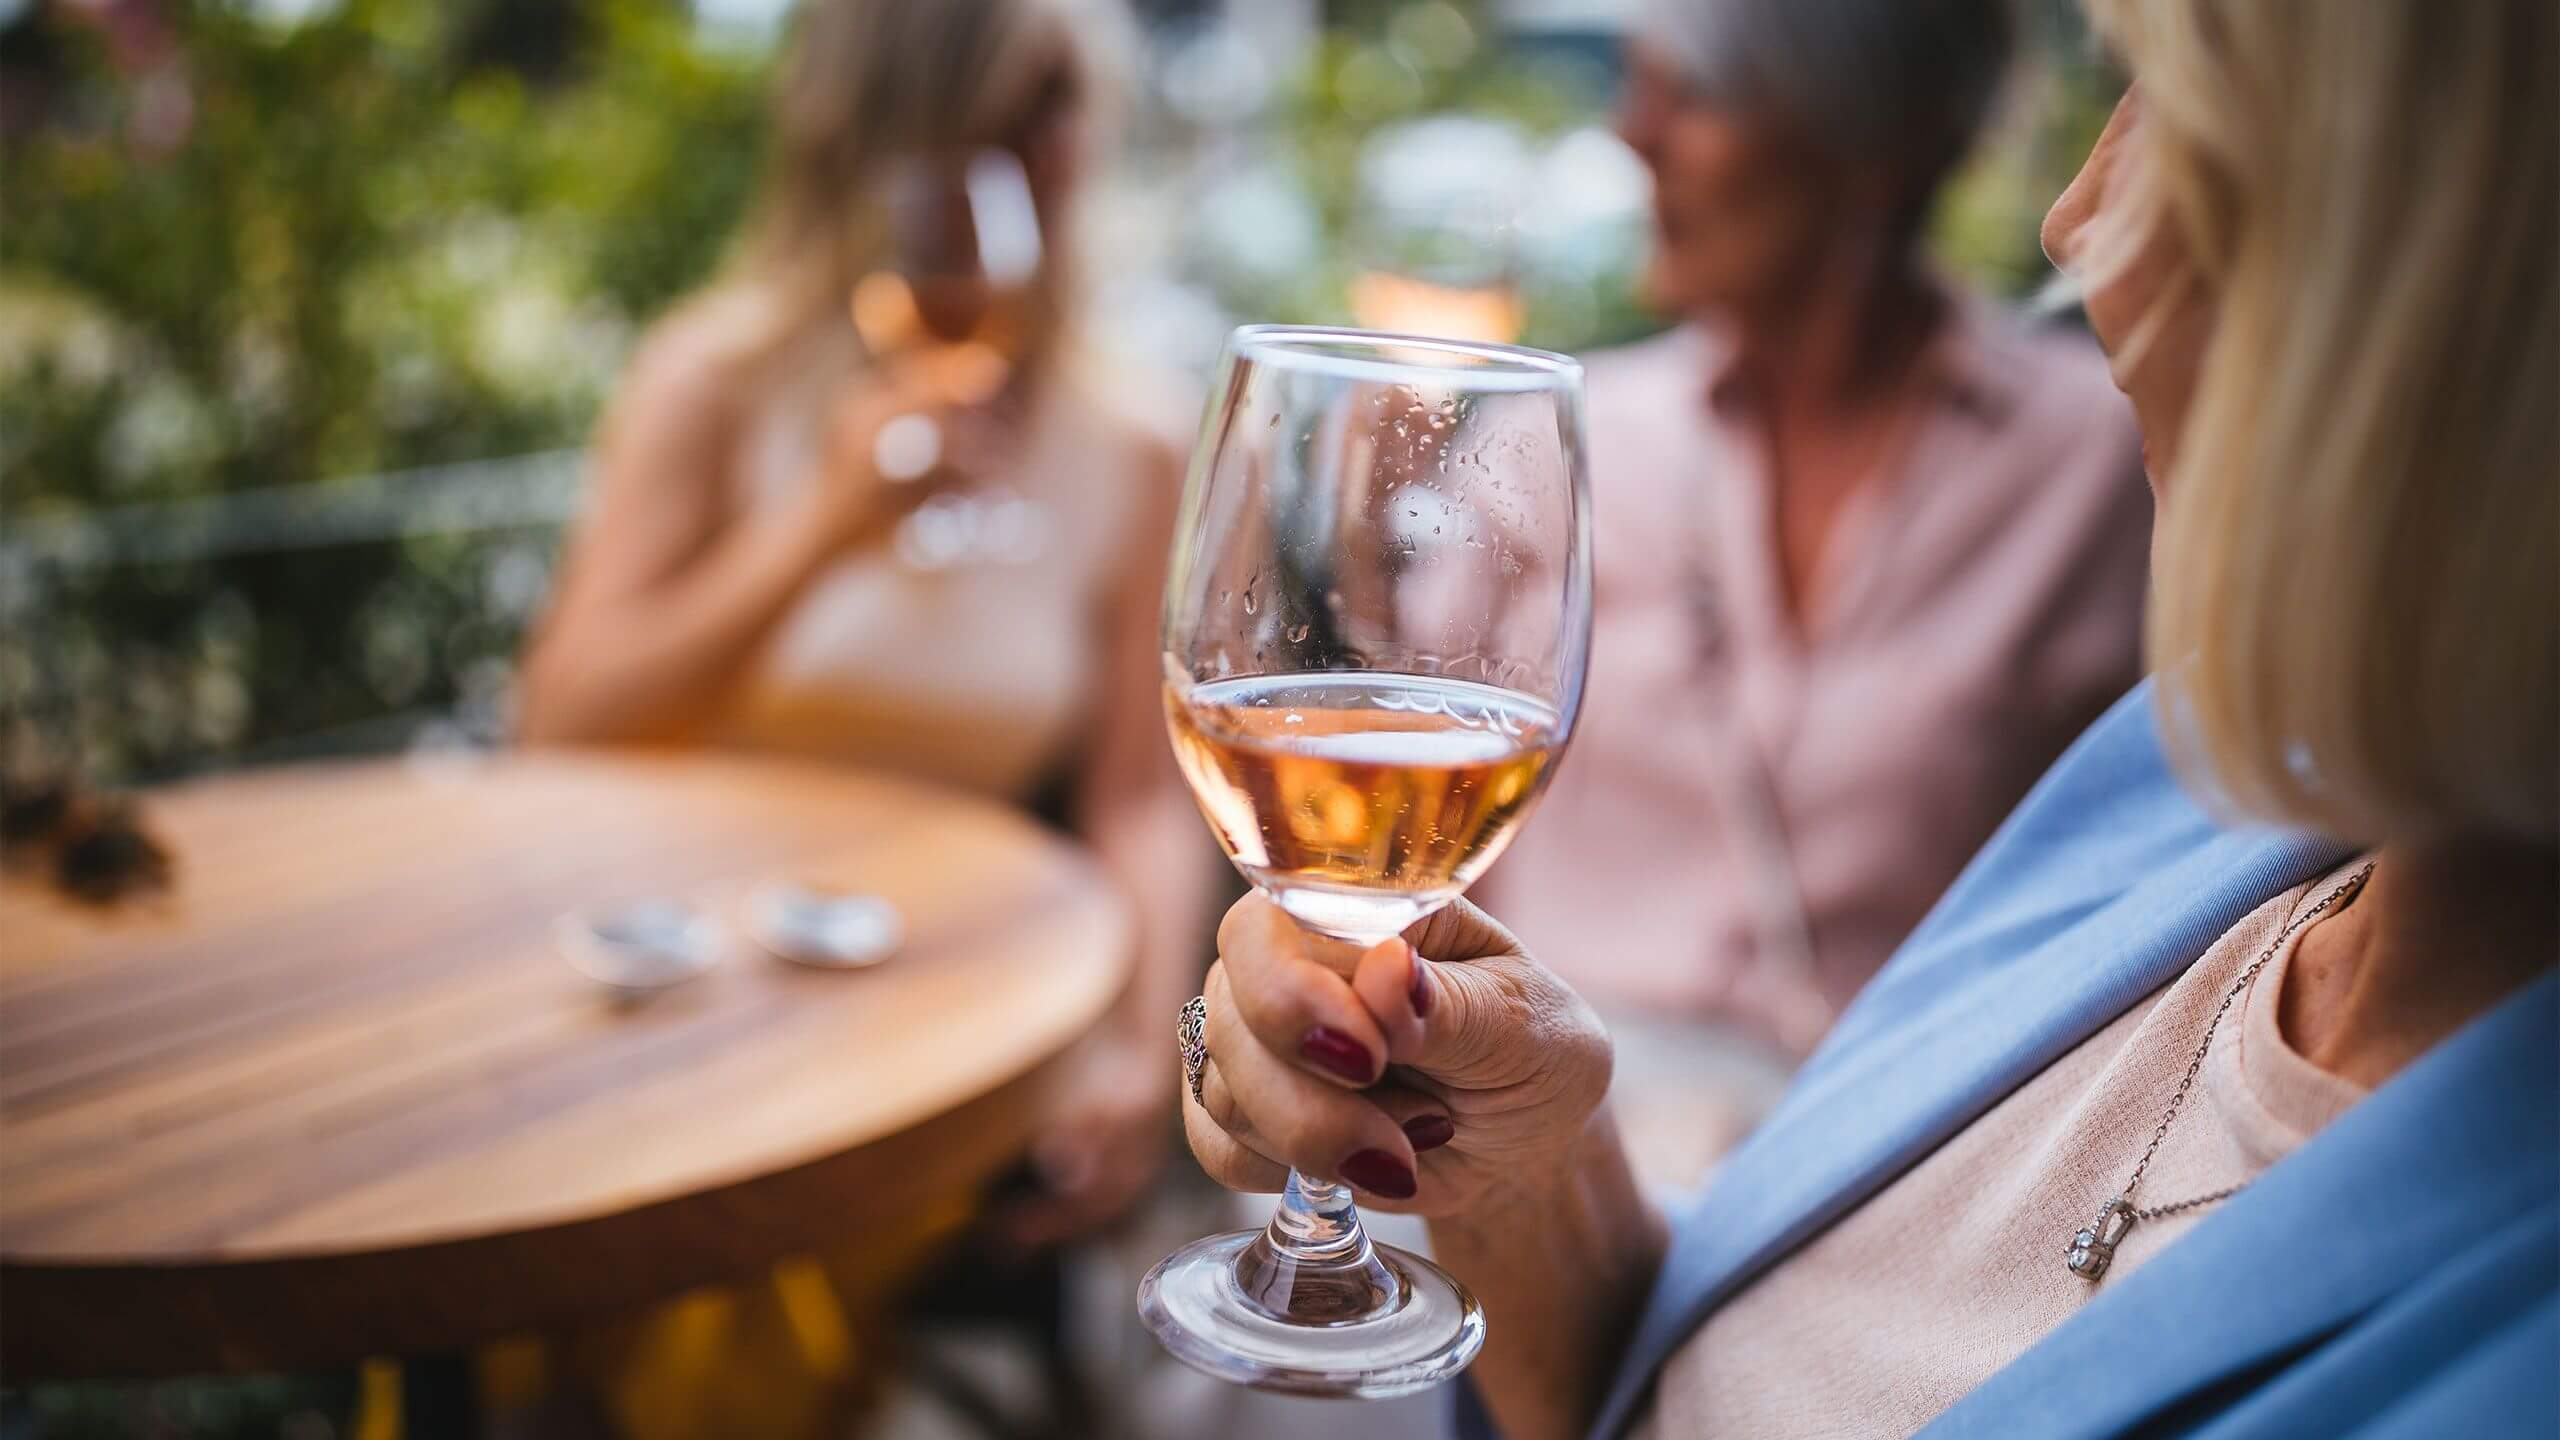 Правда ли, что ежедневное употребление пива увеличивает риск развития рака?